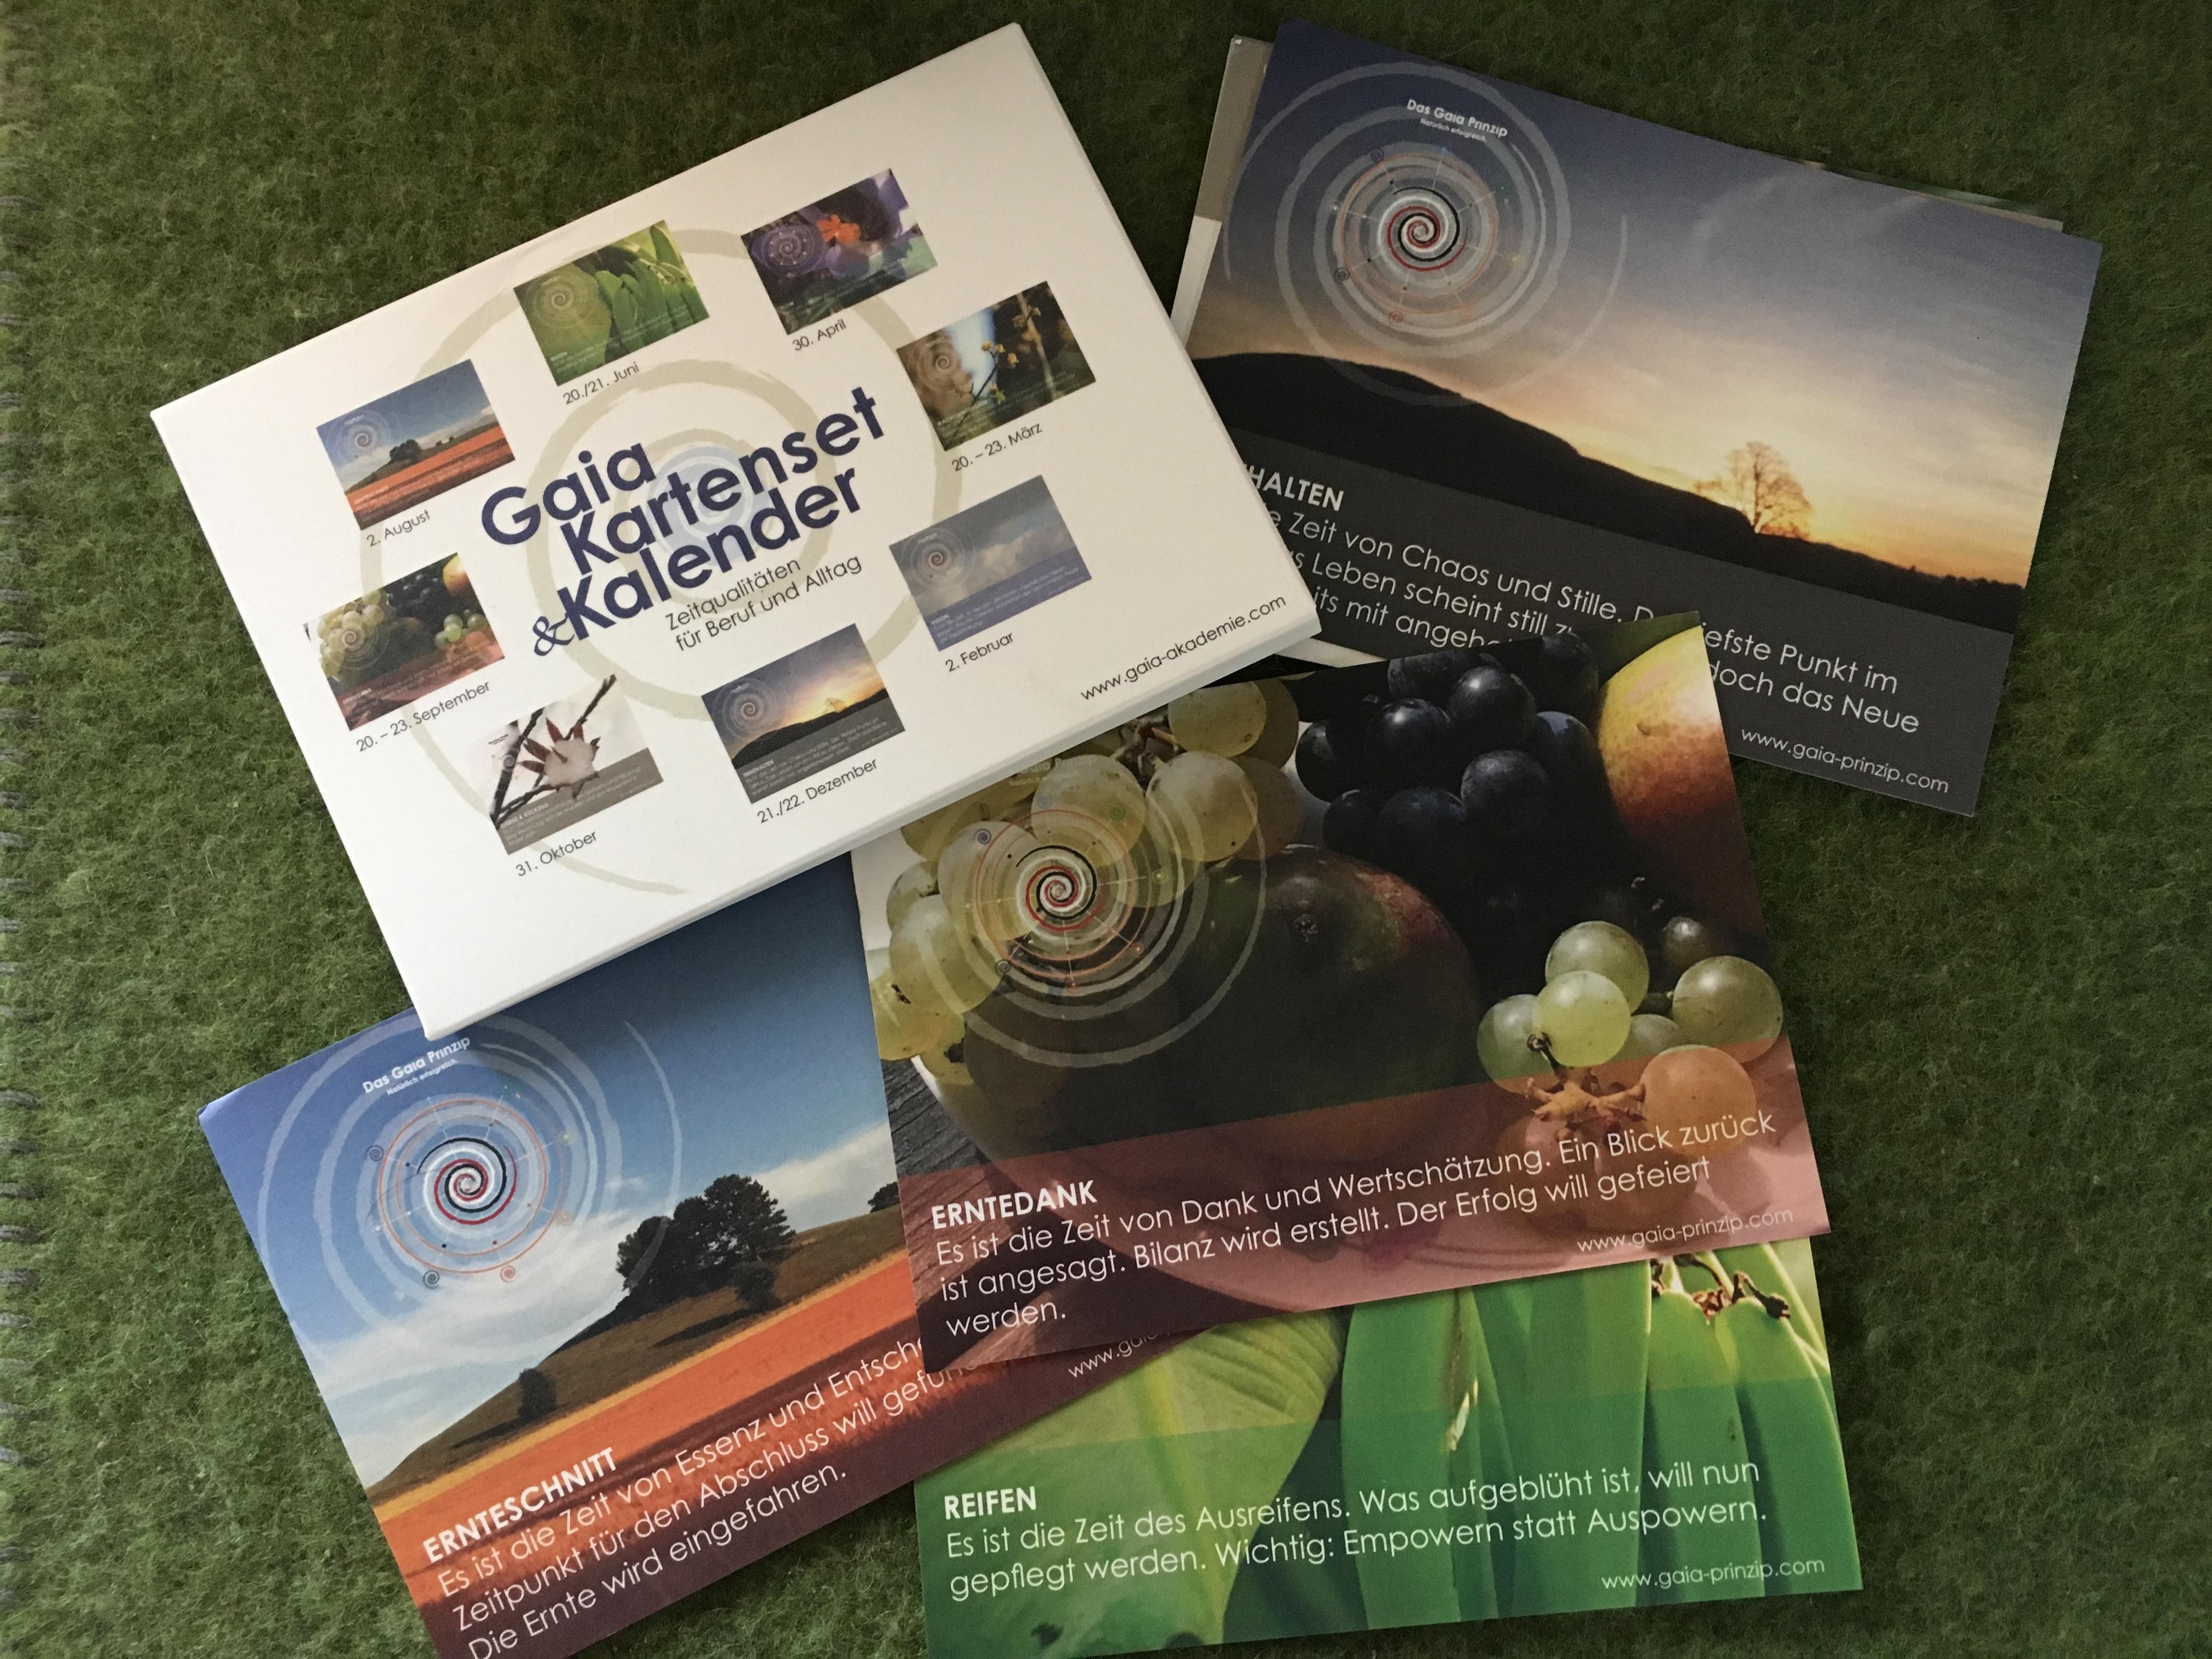 Kartensets GaiaPrinzip - Buchempfehlungen